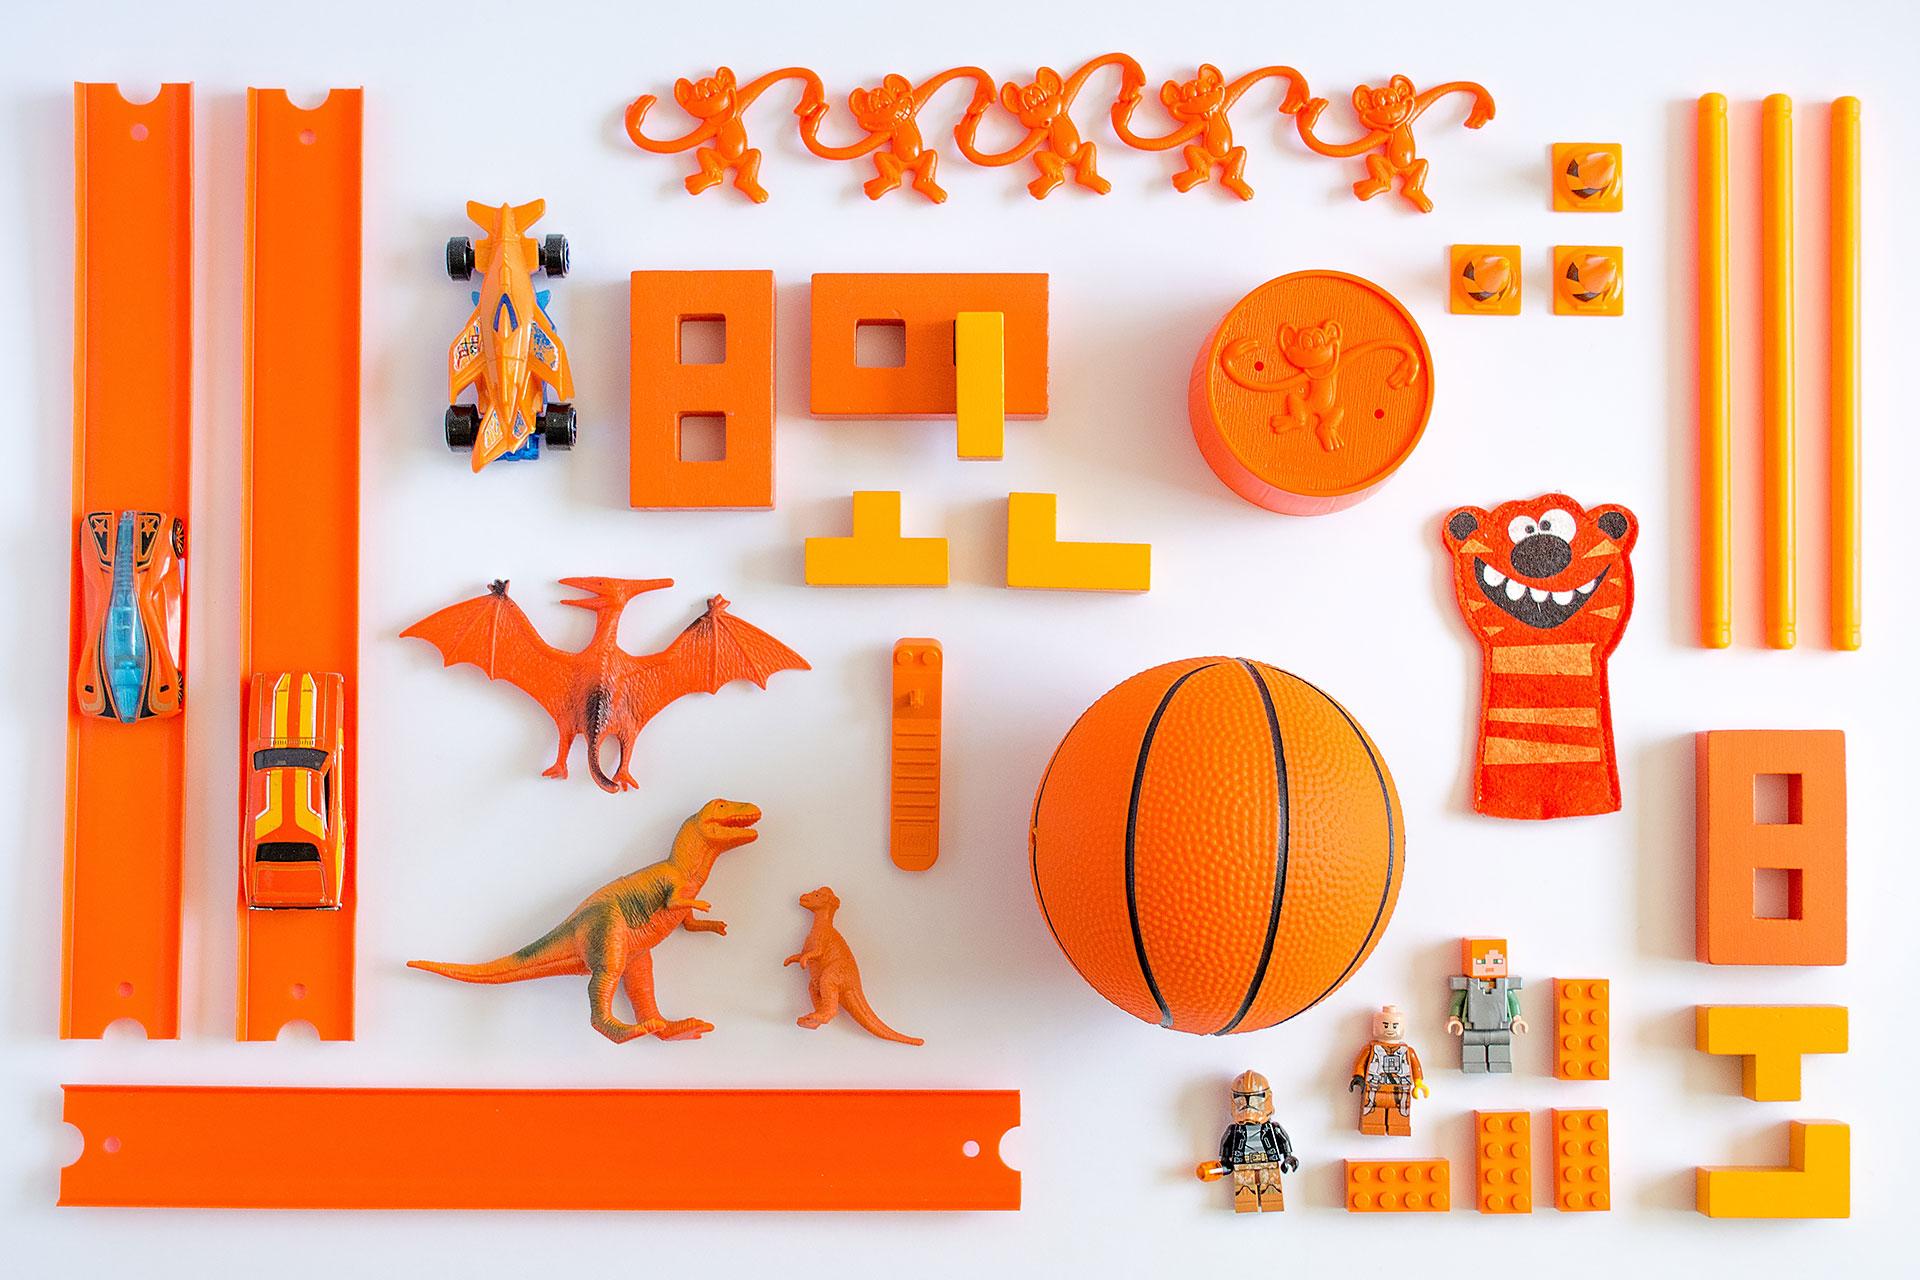 Aufgeräumtes oranges Spielzeug